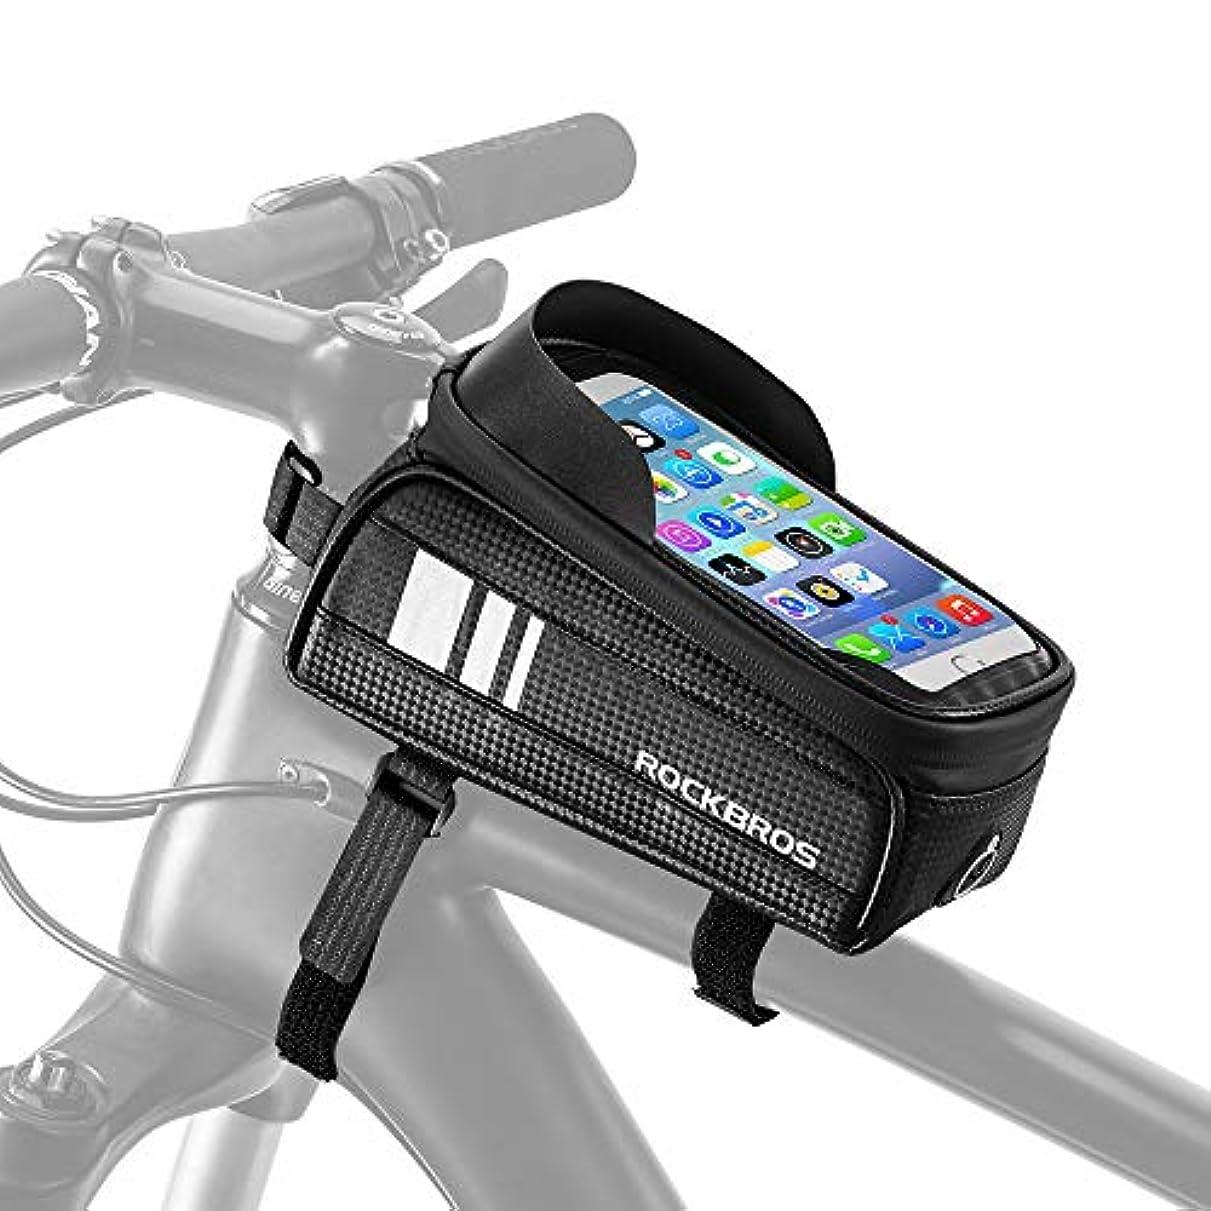 傷つきやすい酸促すROCKBROS(ロックブロス)トップチューブバッグ 大容量 フレームバッグ 日除け 自転車 バッグ 軽量 スマホホルダー ナビホルダー 6.0インチスマホ対応 充電 ハンドルバッグ